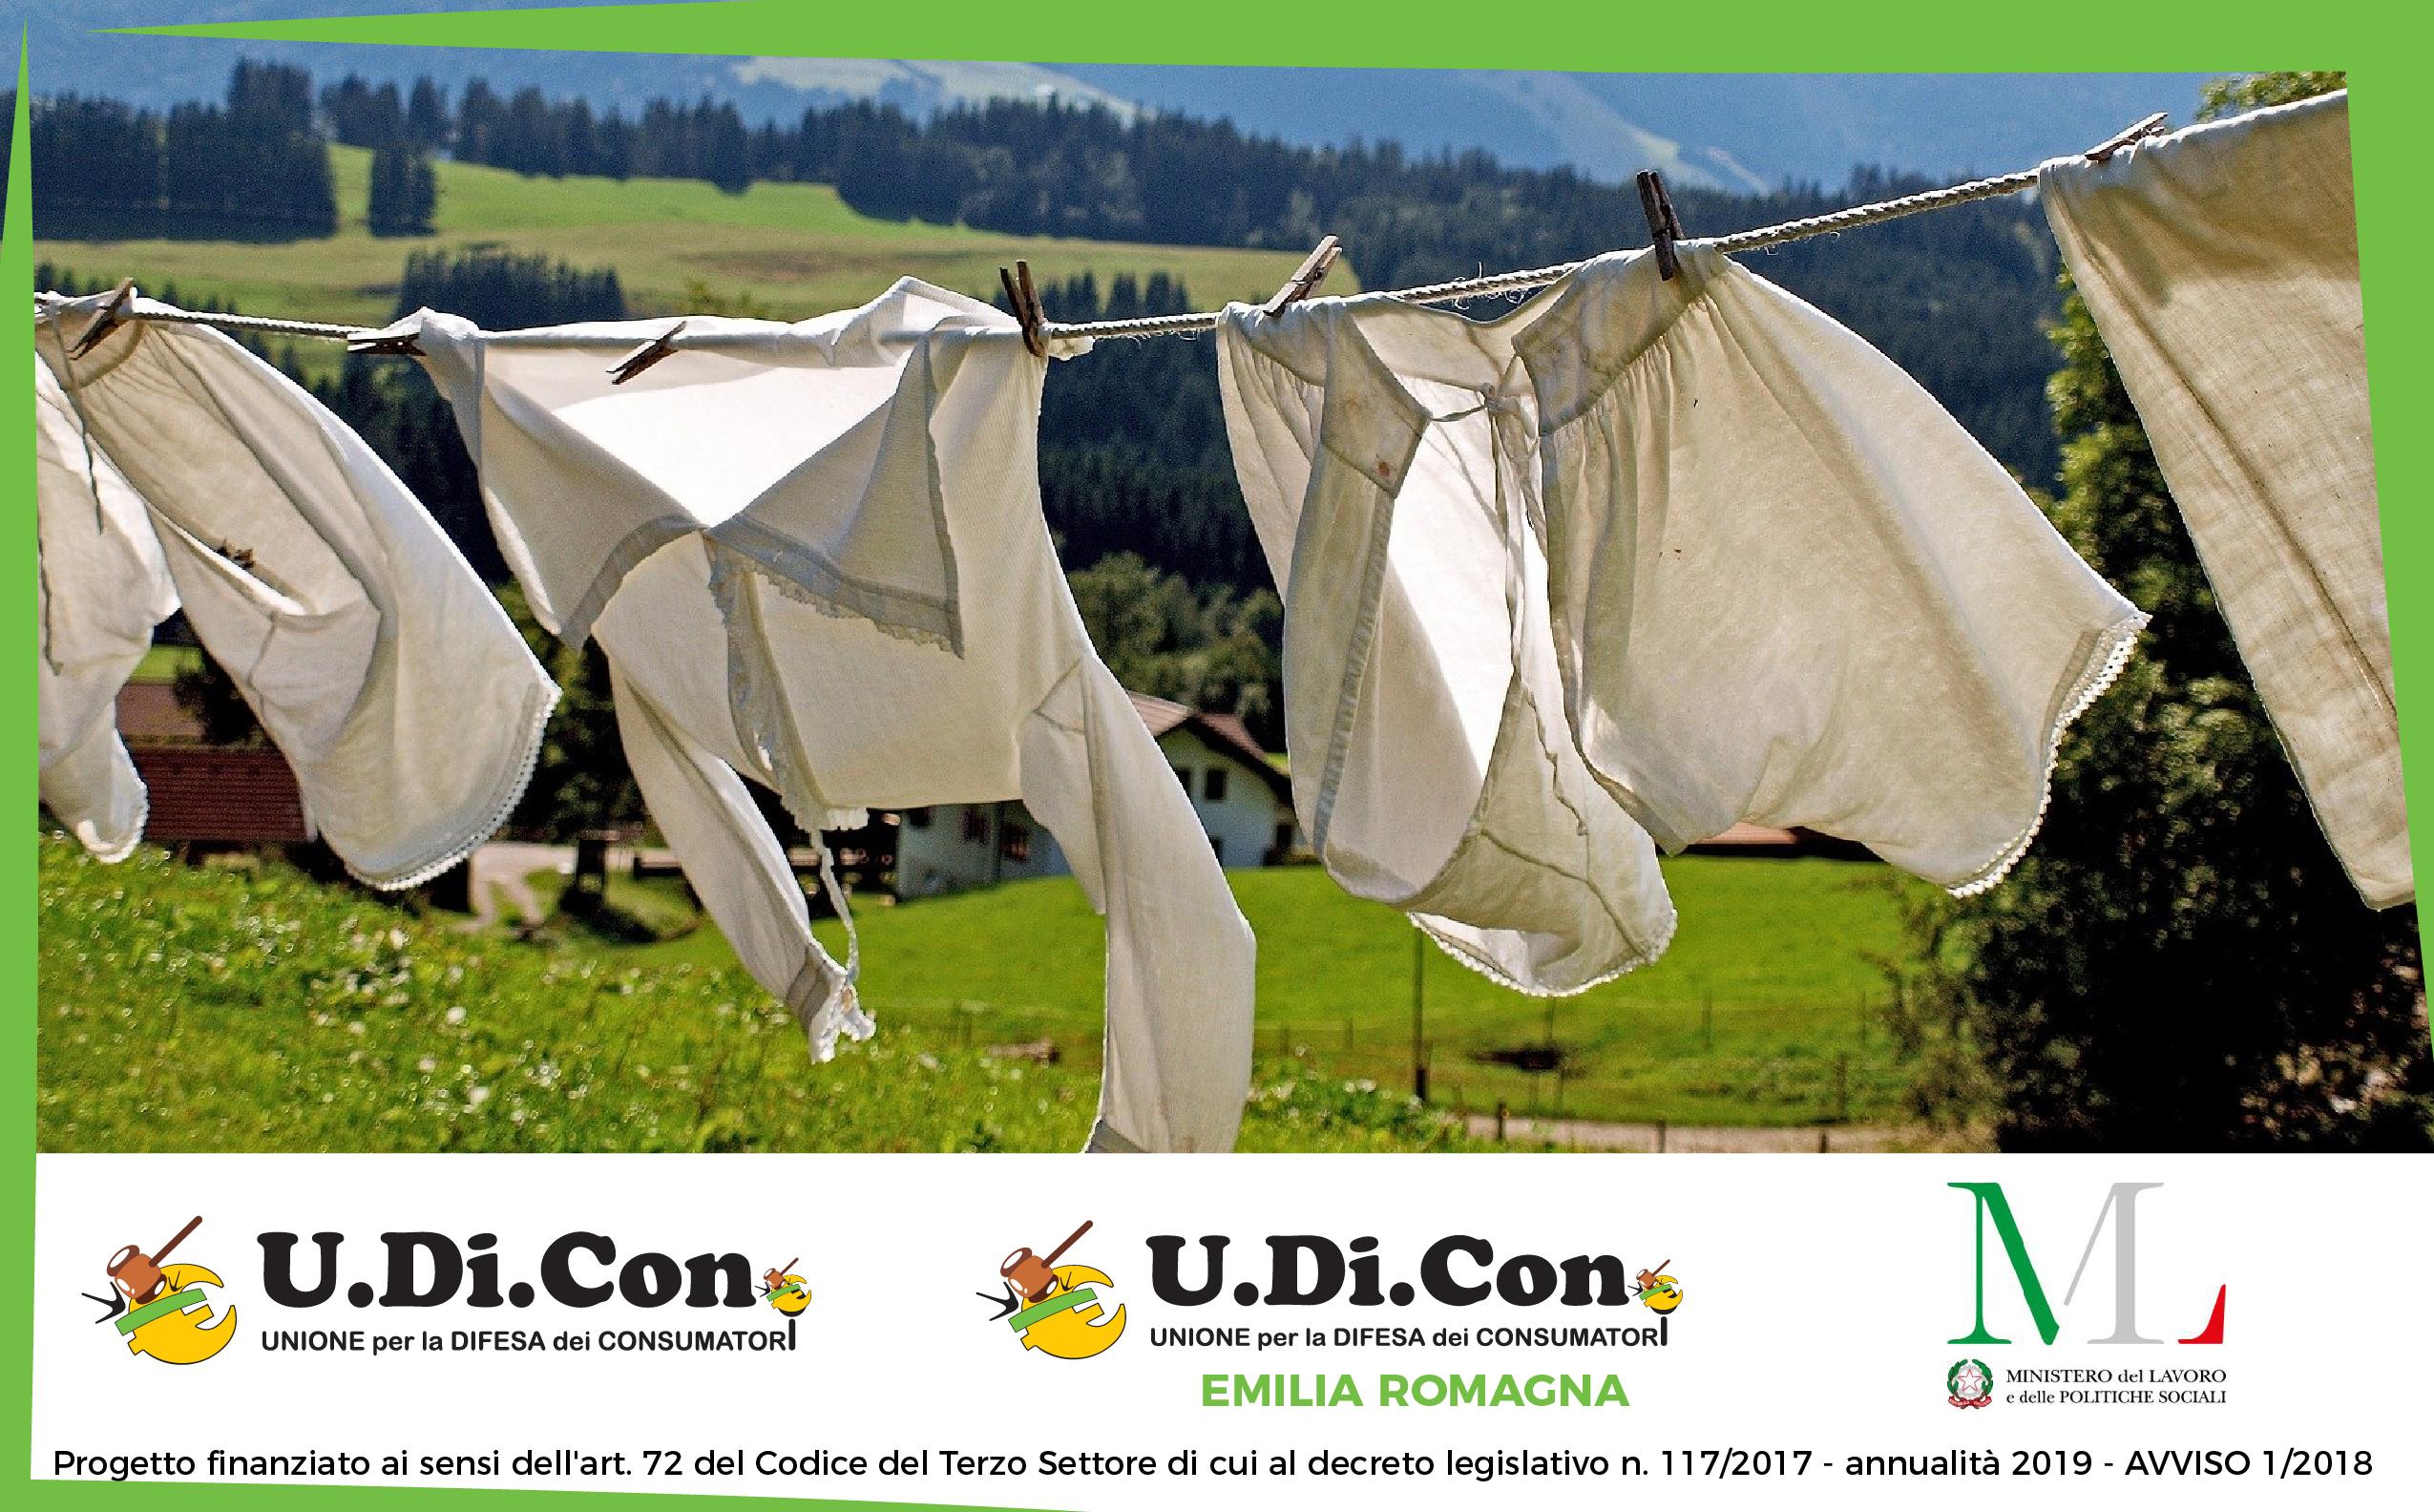 Avere cura dei tuoi vestiti vuol dire avere cura dell'ambiente